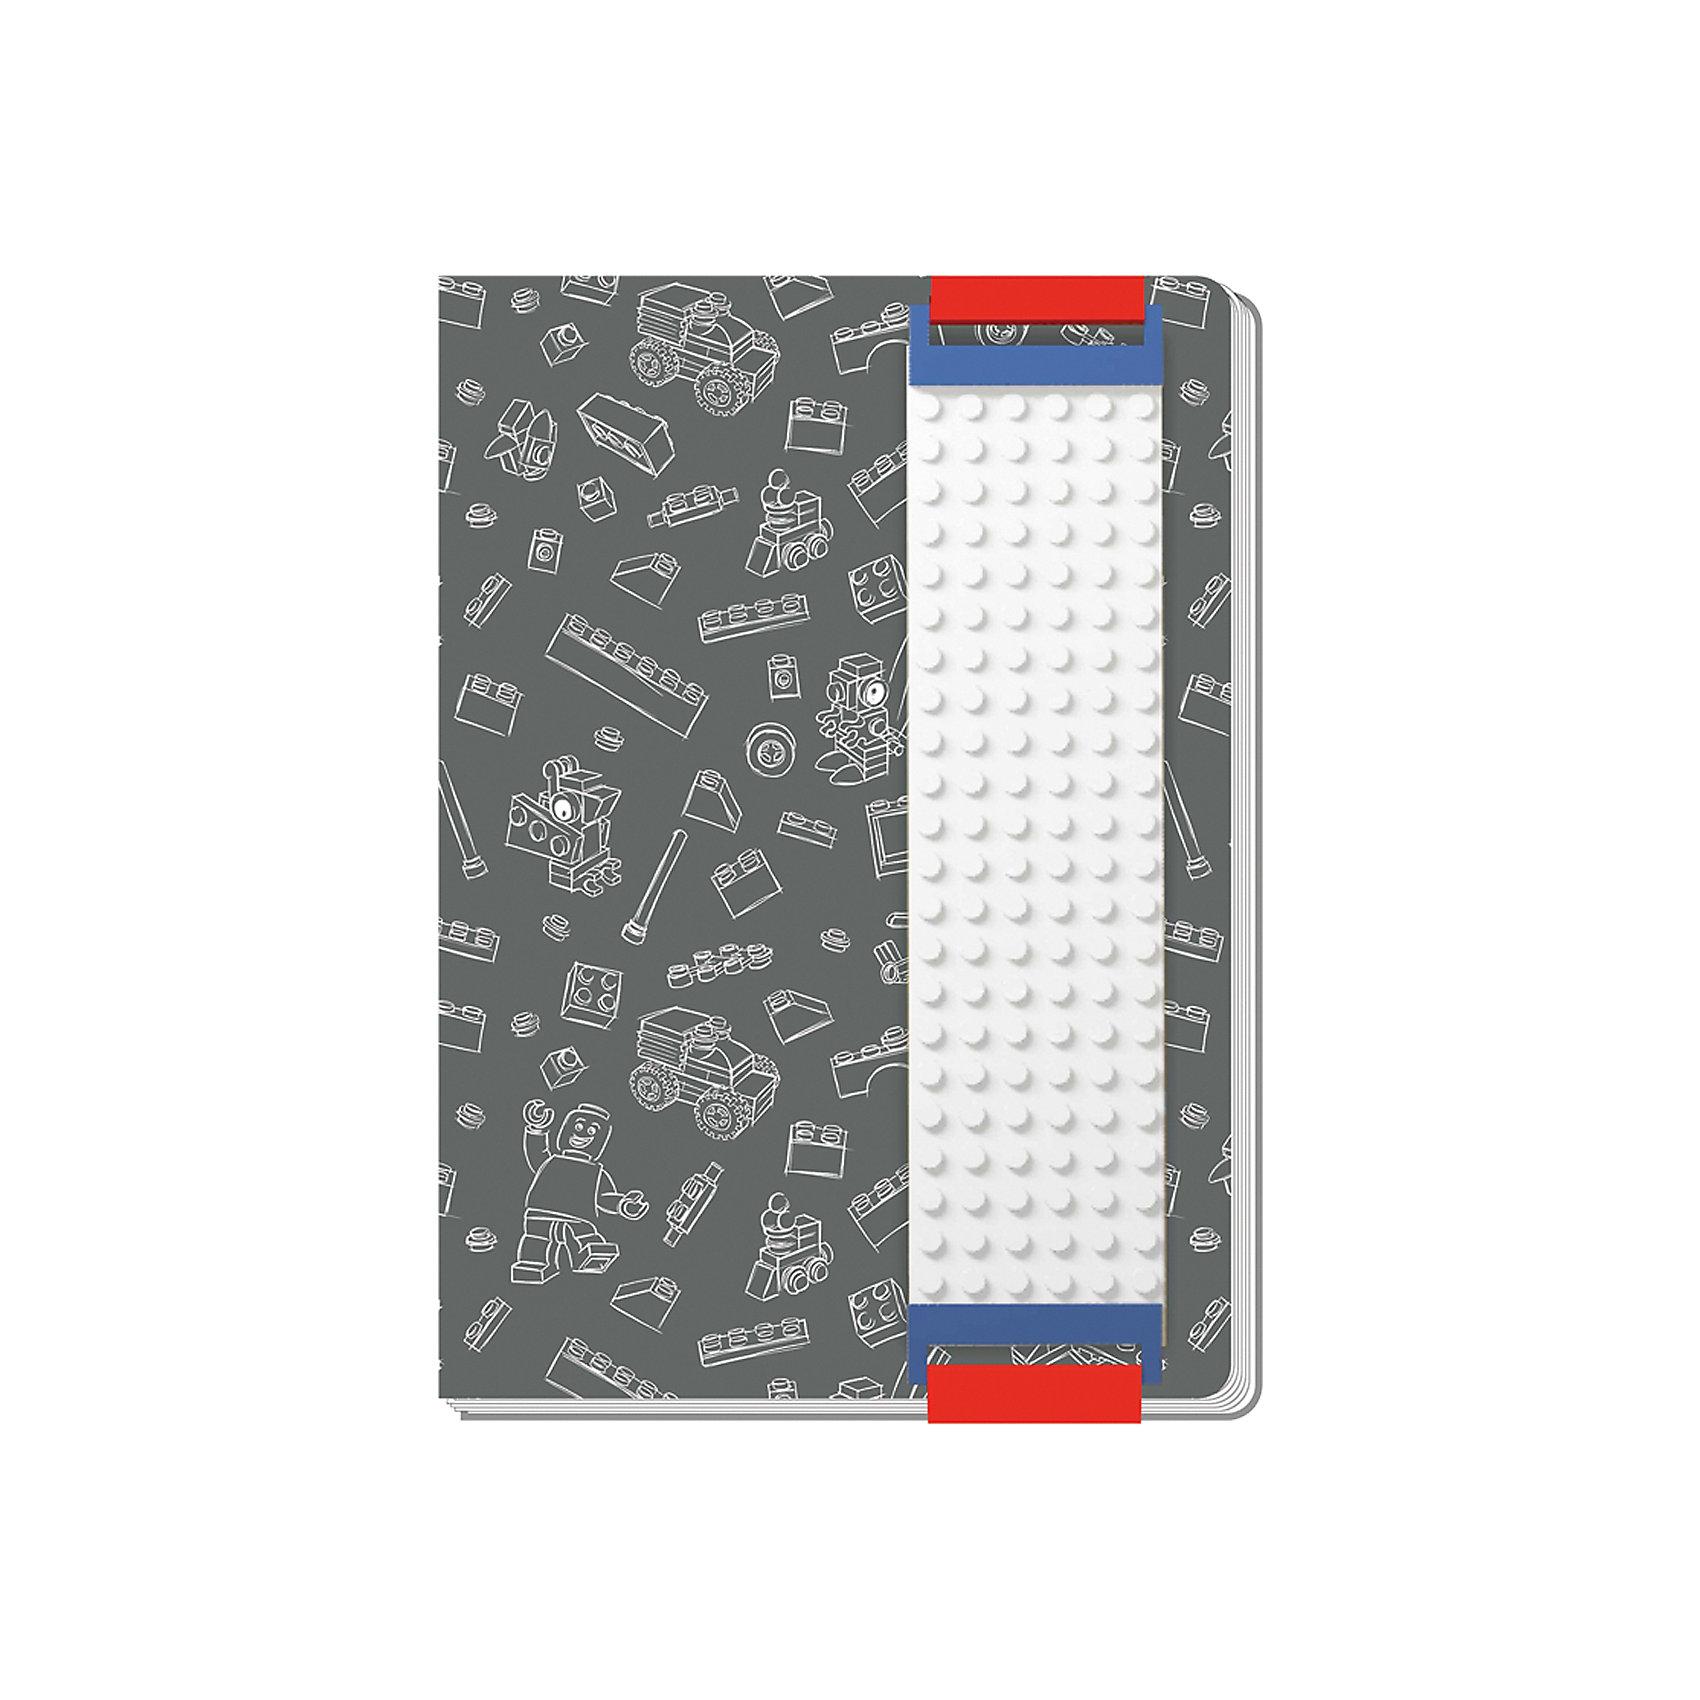 Записная книжка, 96 листов, линейка, с закладкой, цвет: серый, LEGOБумажная продукция<br>Оригинальную книгу для записей можно использовать в качестве ежедневника, блокнота для рисования, написания сочинений или важных событий. Закладка поможет не только найти необходимую запись, а также хранить ручку, маркер или карандаш вместе, ведь все канцелярские принадлежности скрепляются друг  с другом по принципу конструкторов LEGO.<br><br>Ширина мм: 150<br>Глубина мм: 32<br>Высота мм: 222<br>Вес г: 390<br>Возраст от месяцев: 36<br>Возраст до месяцев: 72<br>Пол: Унисекс<br>Возраст: Детский<br>SKU: 5529376